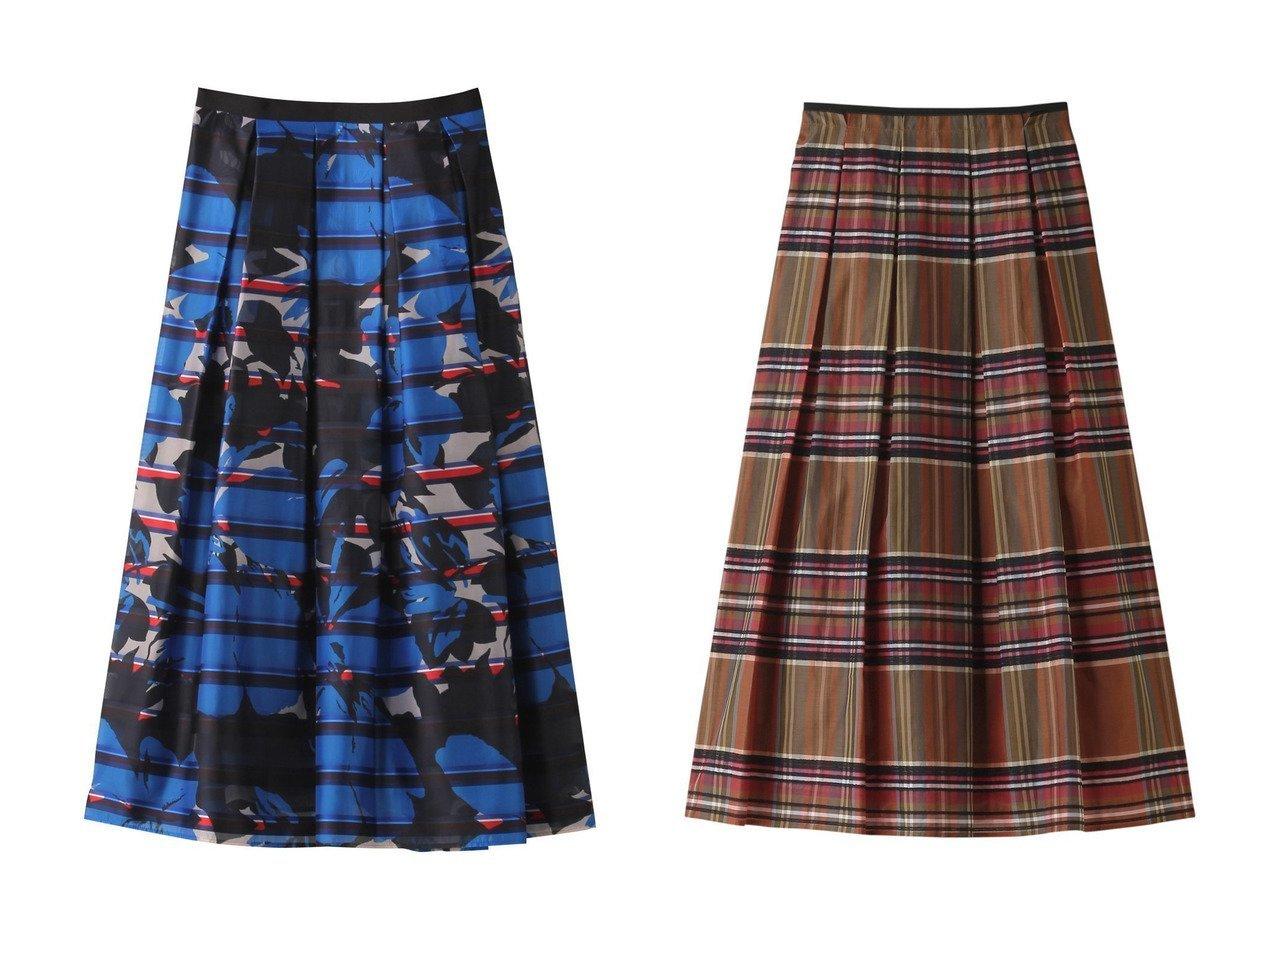 【ANAYI/アナイ】のボーダーBIGフラワーPTタックスカート&タータンチェックタックスカート スカートのおすすめ!人気、トレンド・レディースファッションの通販 おすすめで人気の流行・トレンド、ファッションの通販商品 メンズファッション・キッズファッション・インテリア・家具・レディースファッション・服の通販 founy(ファニー) https://founy.com/ ファッション Fashion レディースファッション WOMEN スカート Skirt ロングスカート Long Skirt エアリー パーティ フラワー フレア プリント ボーダー ロング 再入荷 Restock/Back in Stock/Re Arrival クラシカル |ID:crp329100000012914